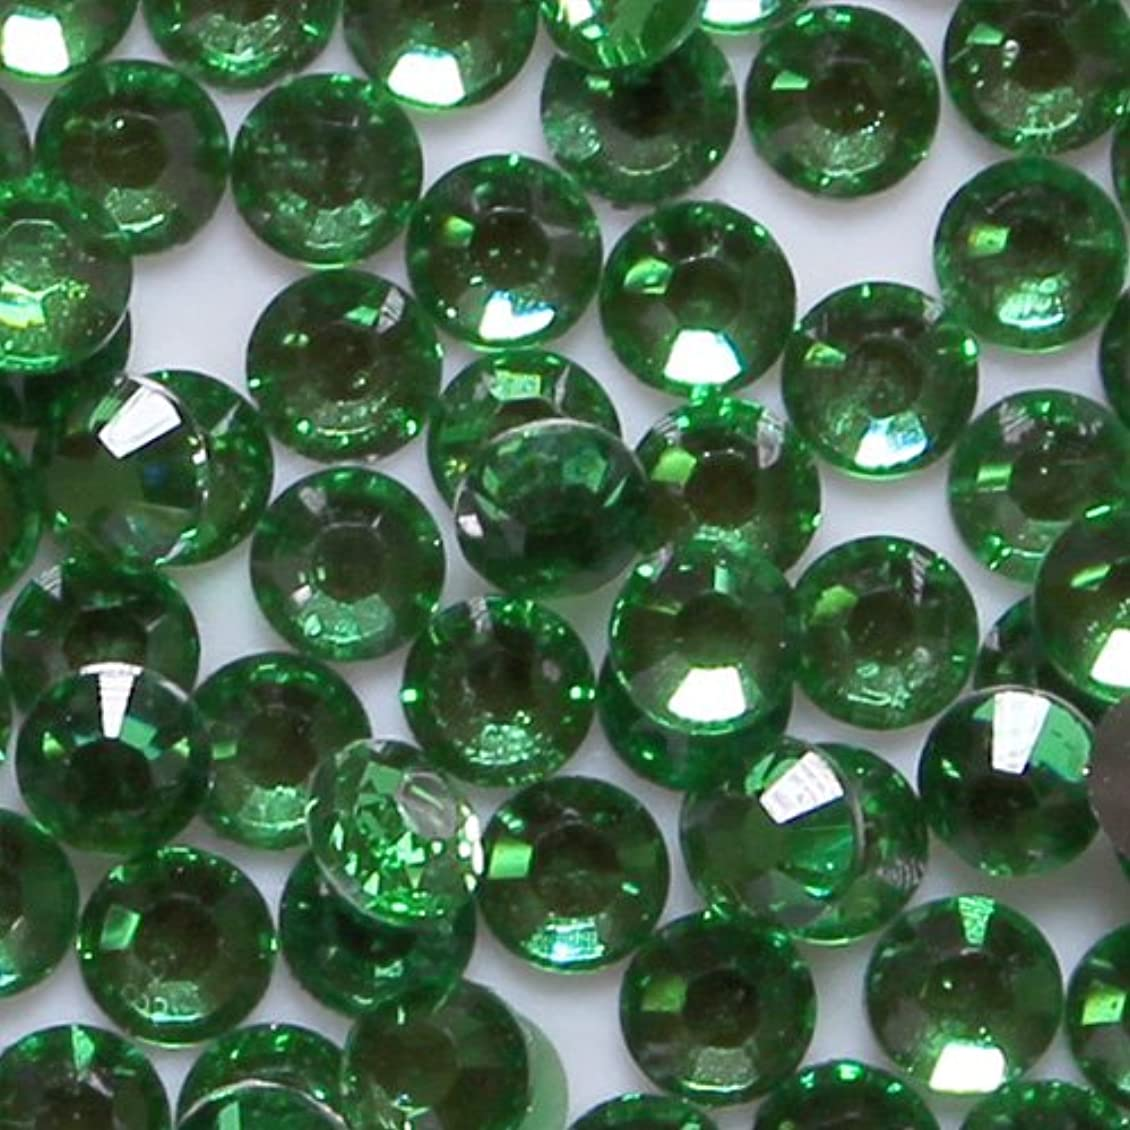 統合する収益先のことを考える高品質 アクリルストーン ラインストーン ラウンドフラット 約1000粒入り 4mm グリーントルマリン